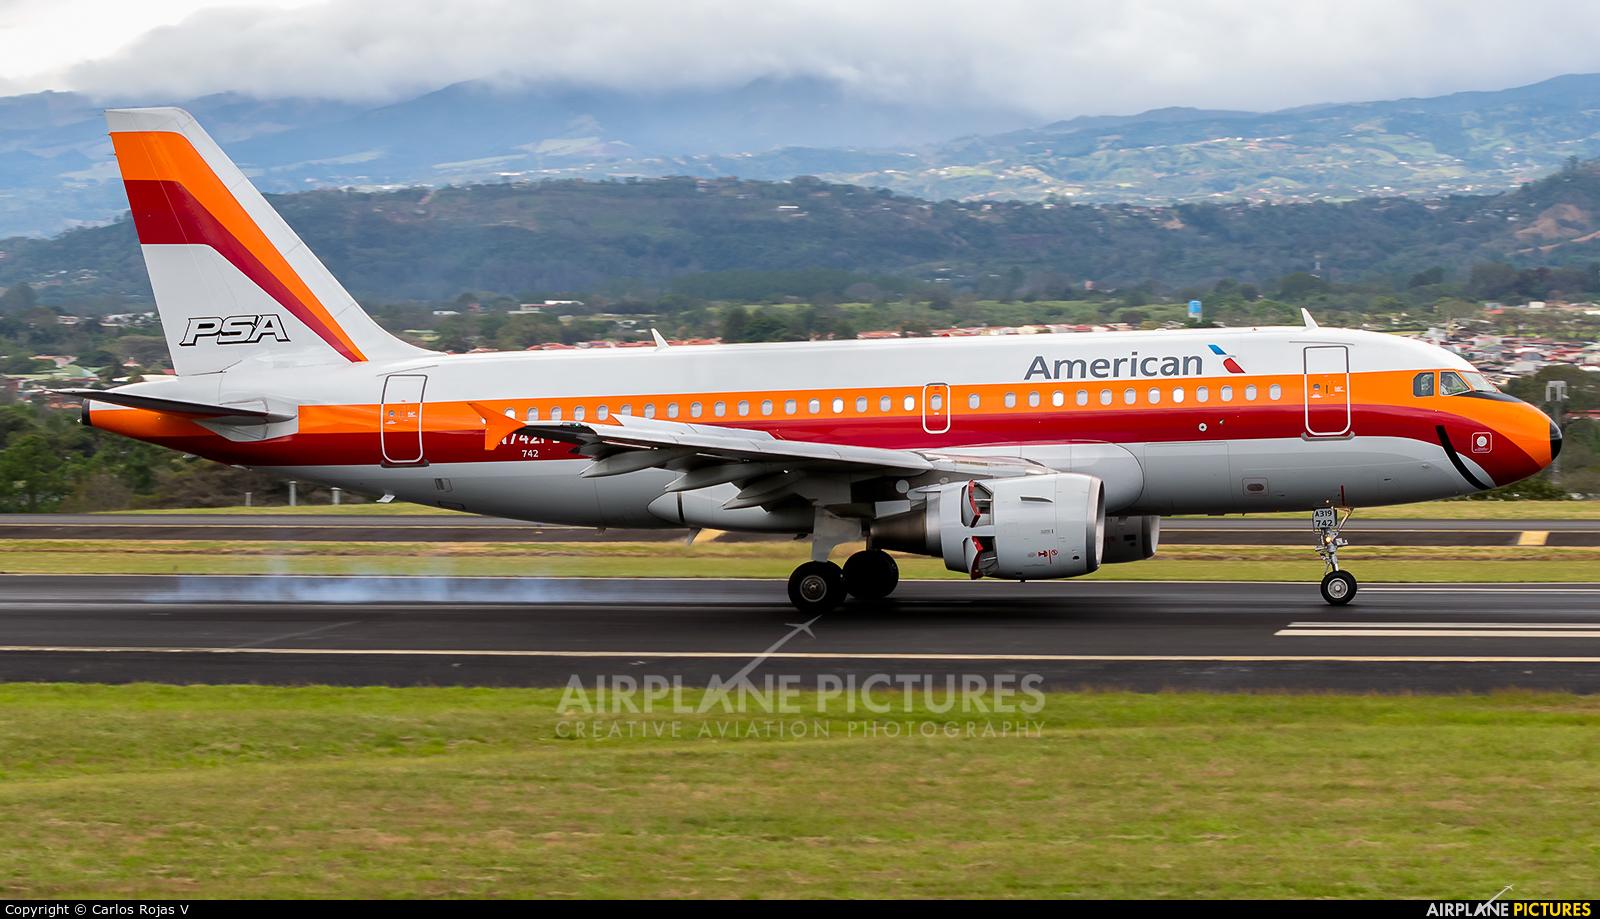 American Airlines N742PS aircraft at San Jose - Juan Santamaría Intl